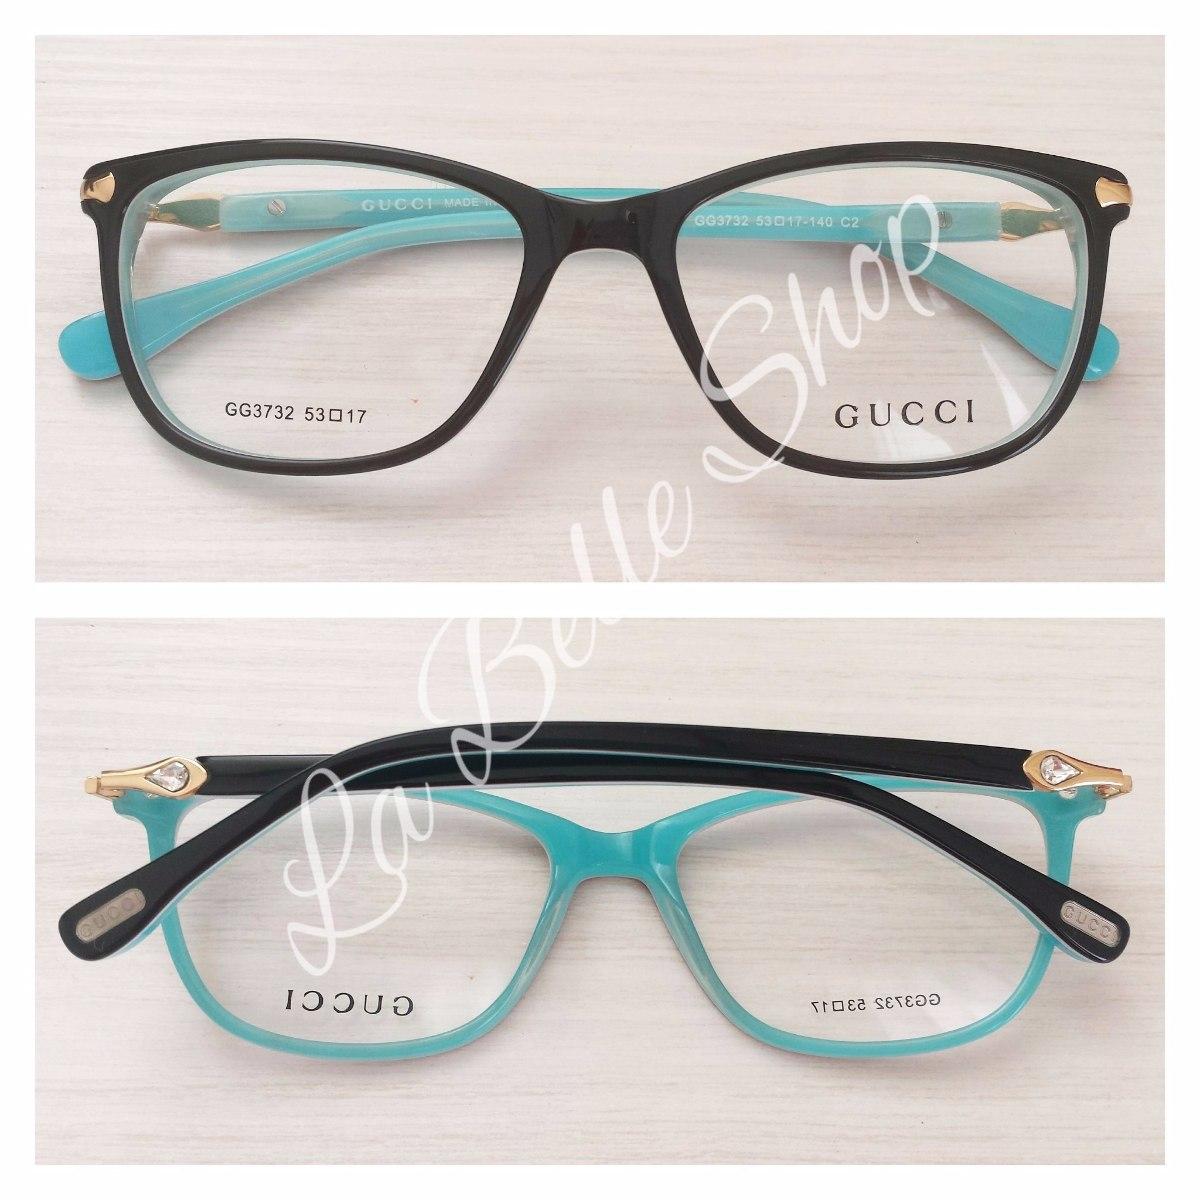 Armação Óculos De Grau Acetato Feminino Gg3732 - R  119,00 em Mercado Livre Armação  Oculos Grau Feminino Importado Dg39 Acetato Original ... ca56f737dc